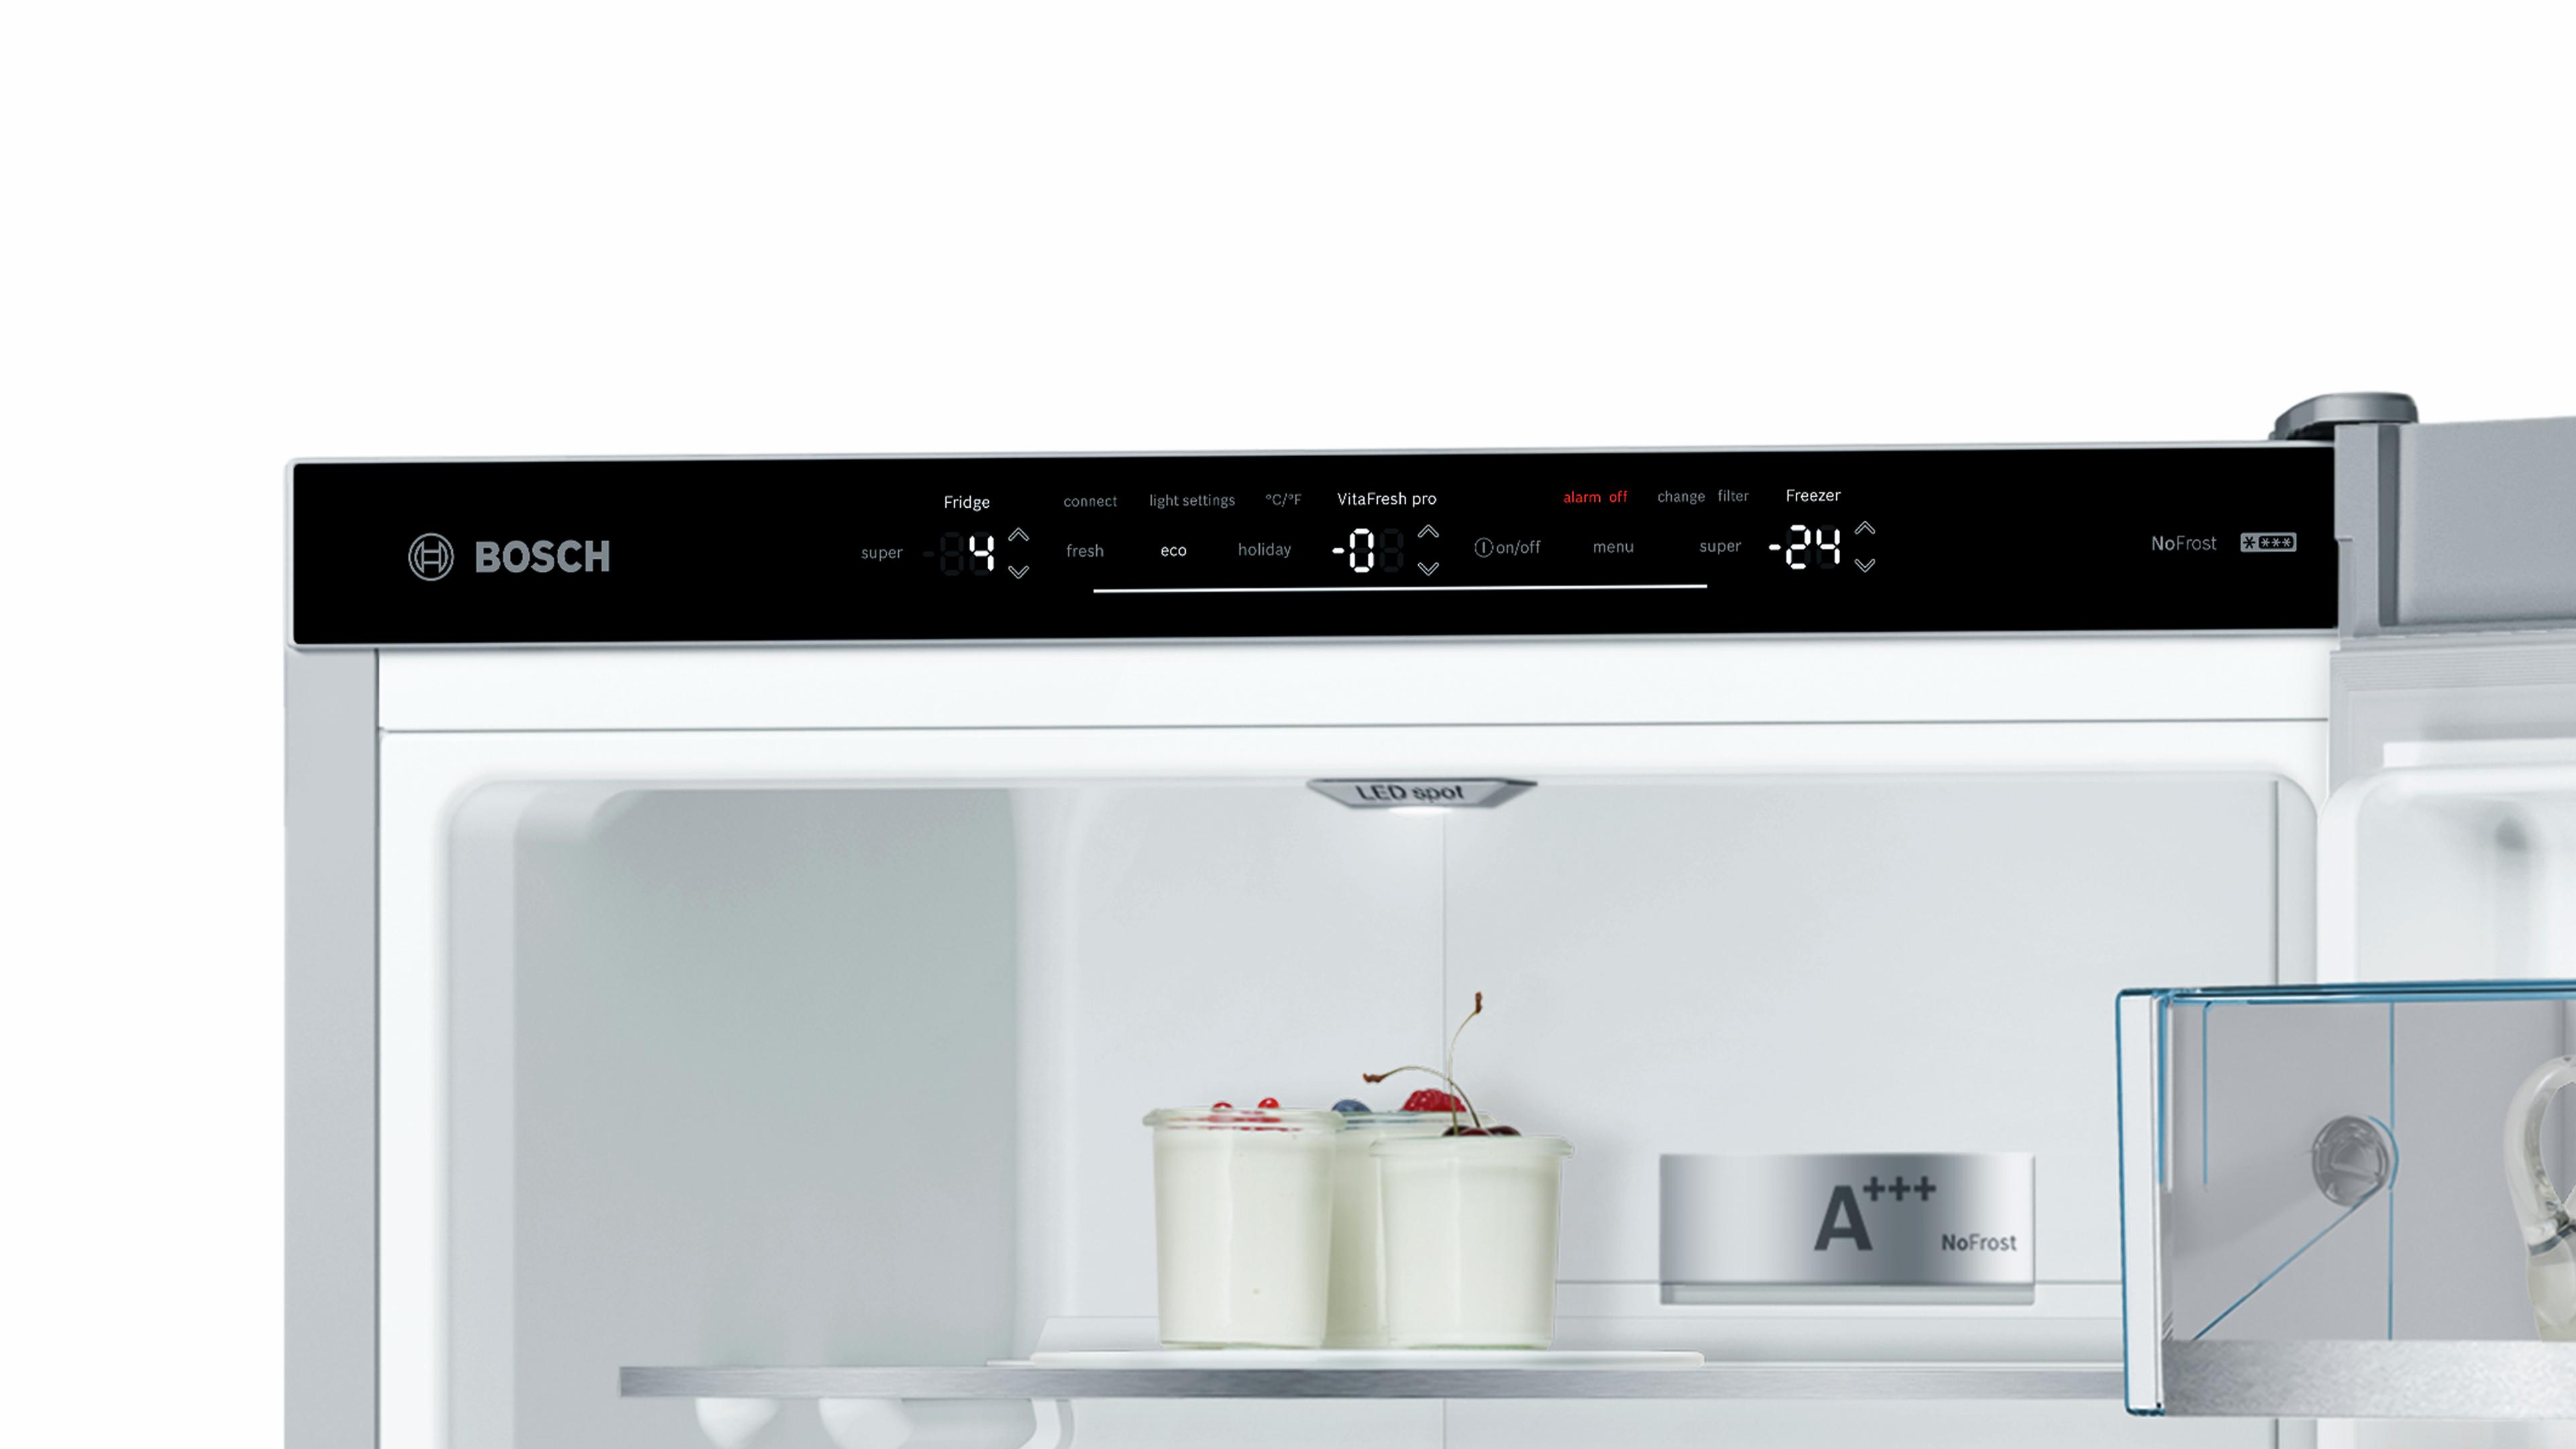 Bosch Kühlschrank Vitafresh Bedienungsanleitung : Kühl gefrier kombination bosch kgf sm küche co